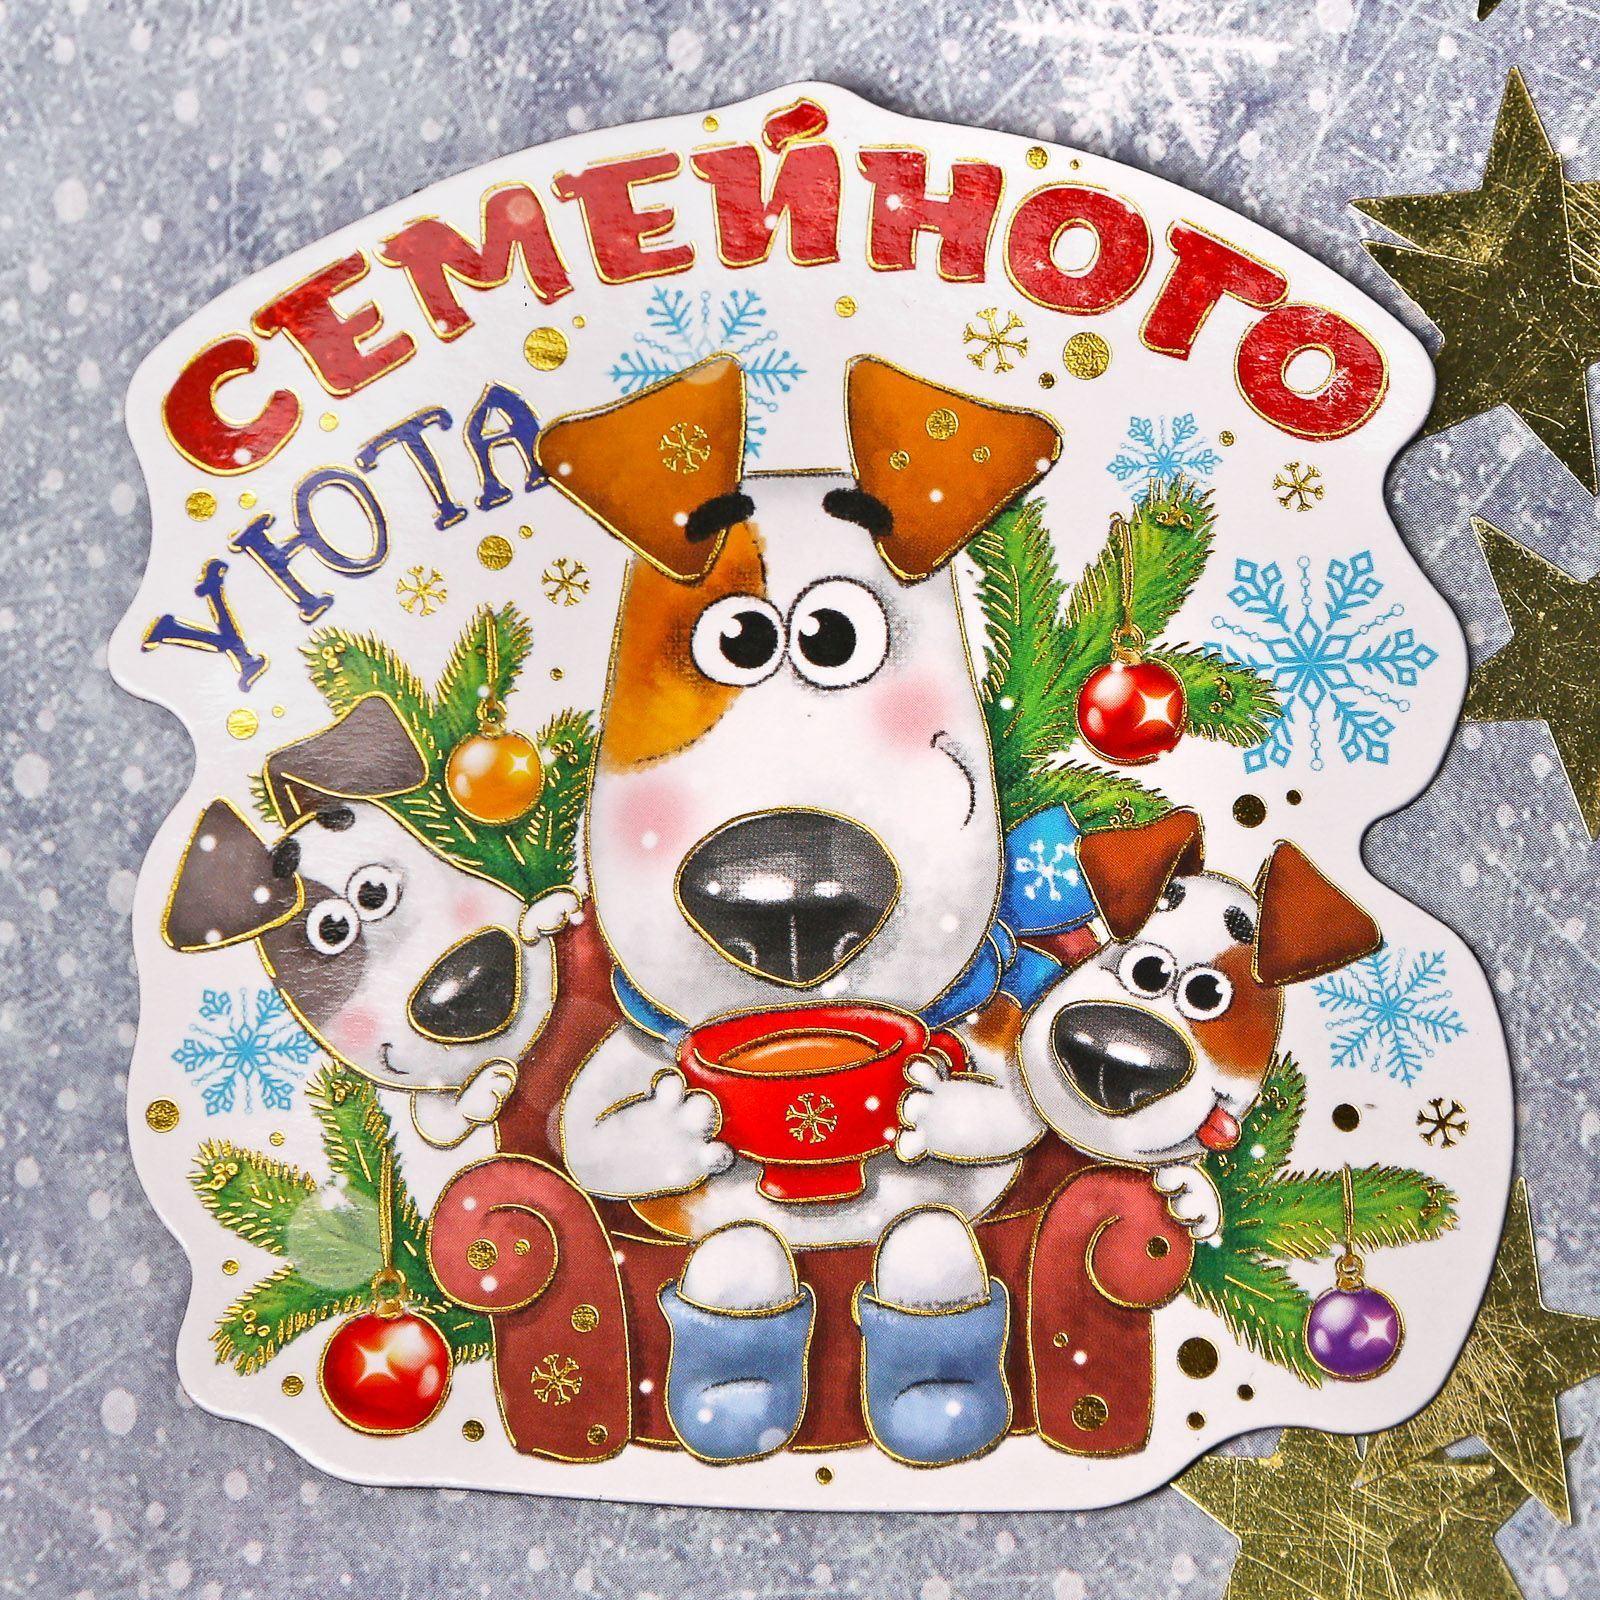 Магнит Sima-land Семейного уюта, 7,6 х 7,9 см1894050Порадуйте родных и близких оригинальным сувениром: преподнесите в подарок магнит. С ним даже самый серьёзный человек почувствует себя ребёнком, ожидающим чудо! Создайте праздничное настроение, и оно останется с вами на весь год.